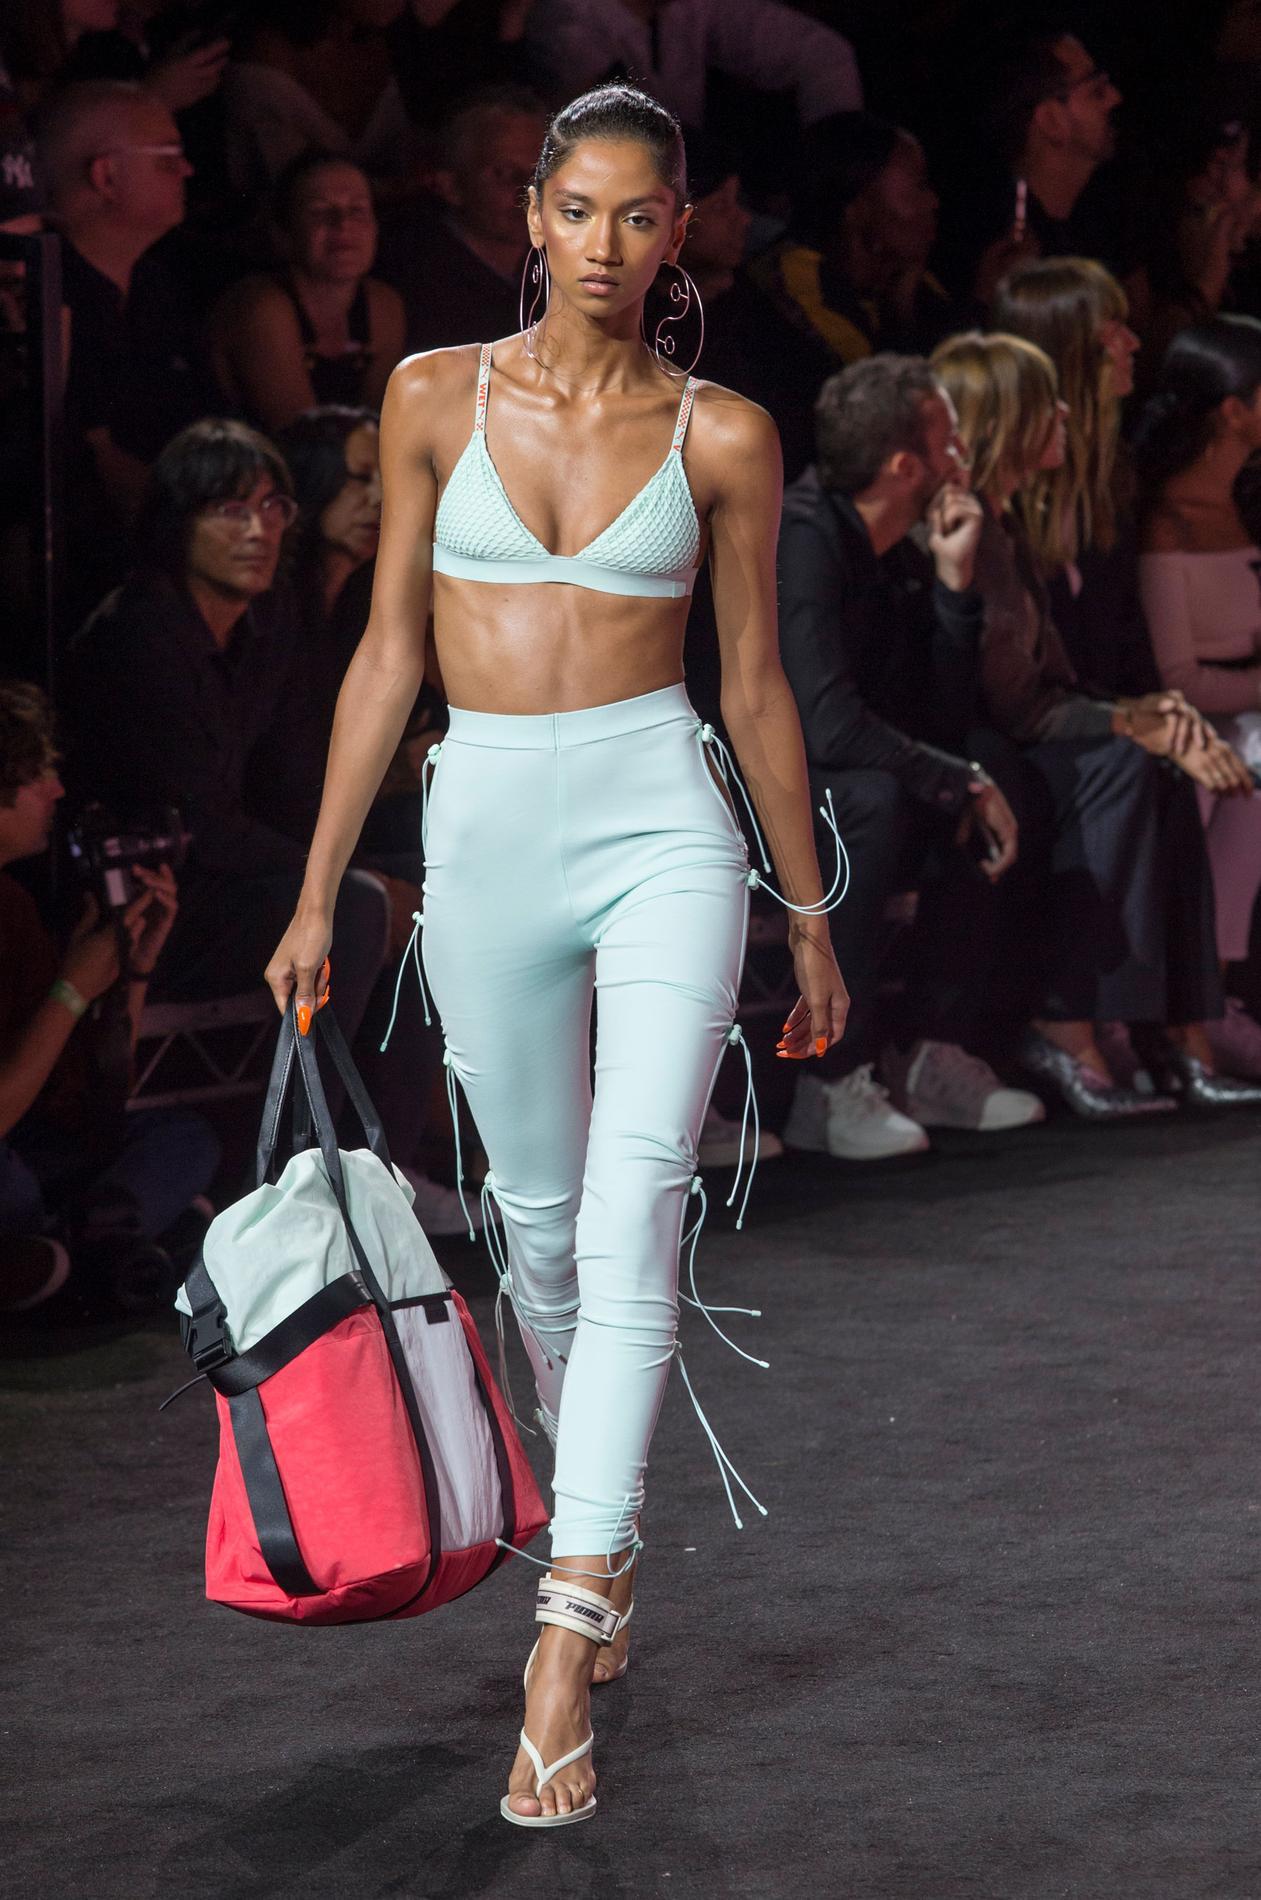 info for a9f8d 5b53c Après le prêt-à-porter et la beauté, Rihanna se lance dans ...